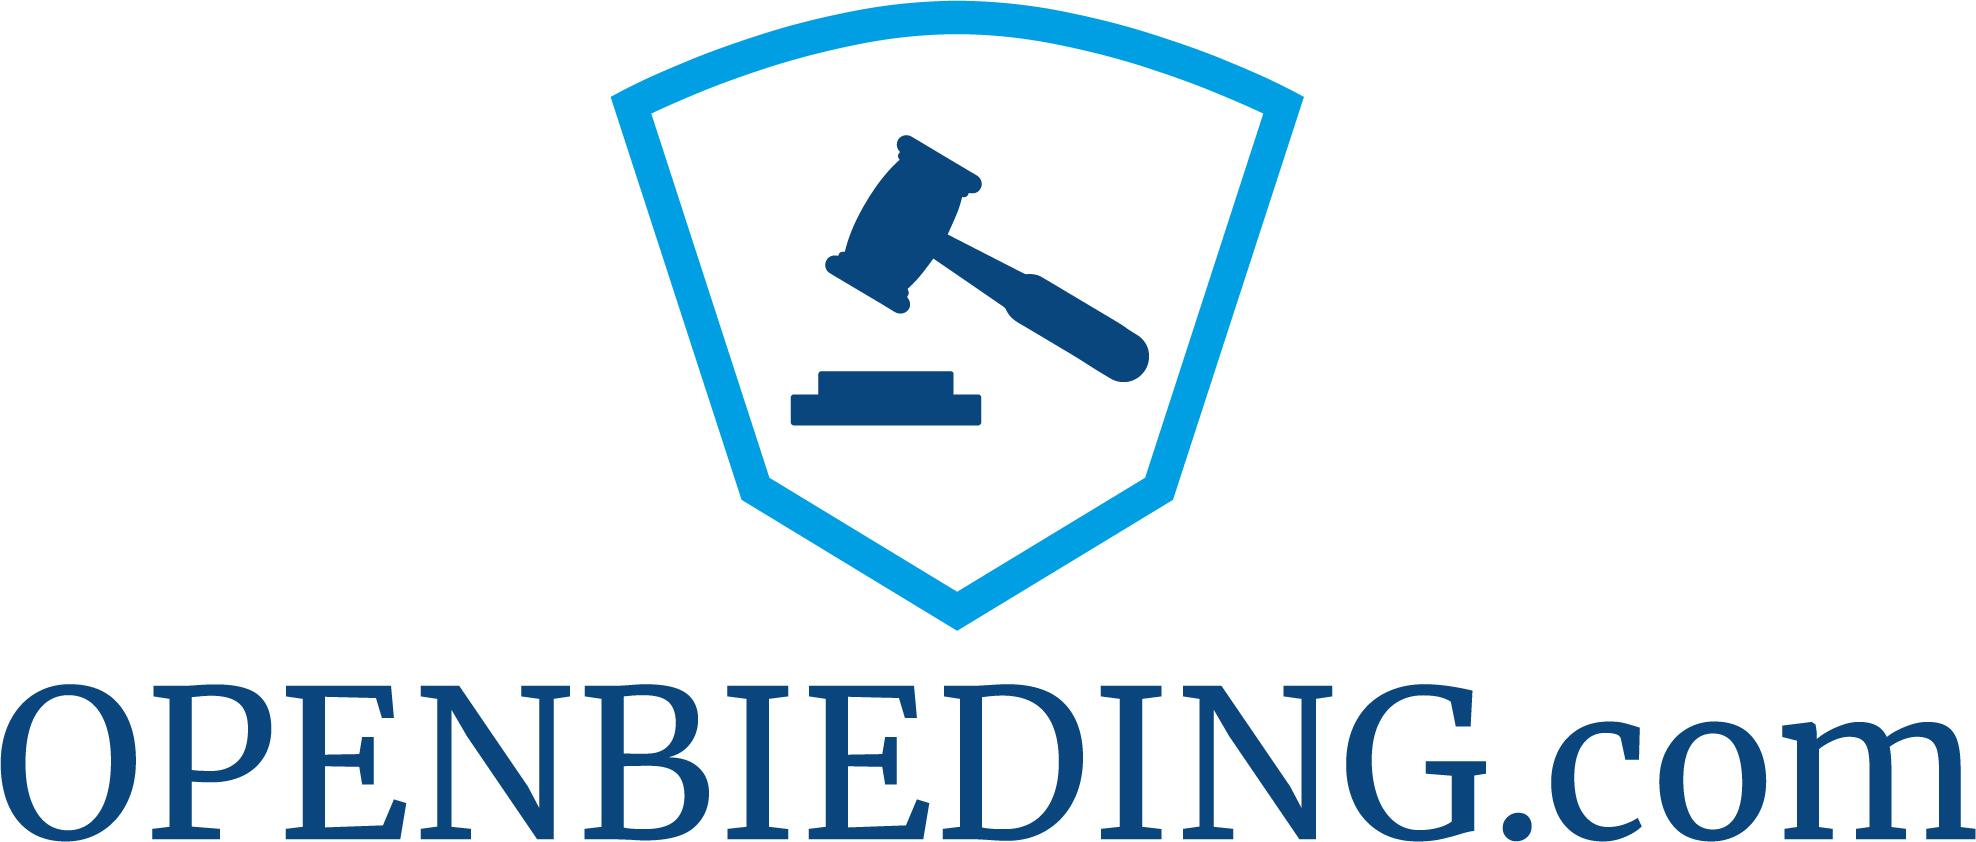 OPENBIEDING.com logo